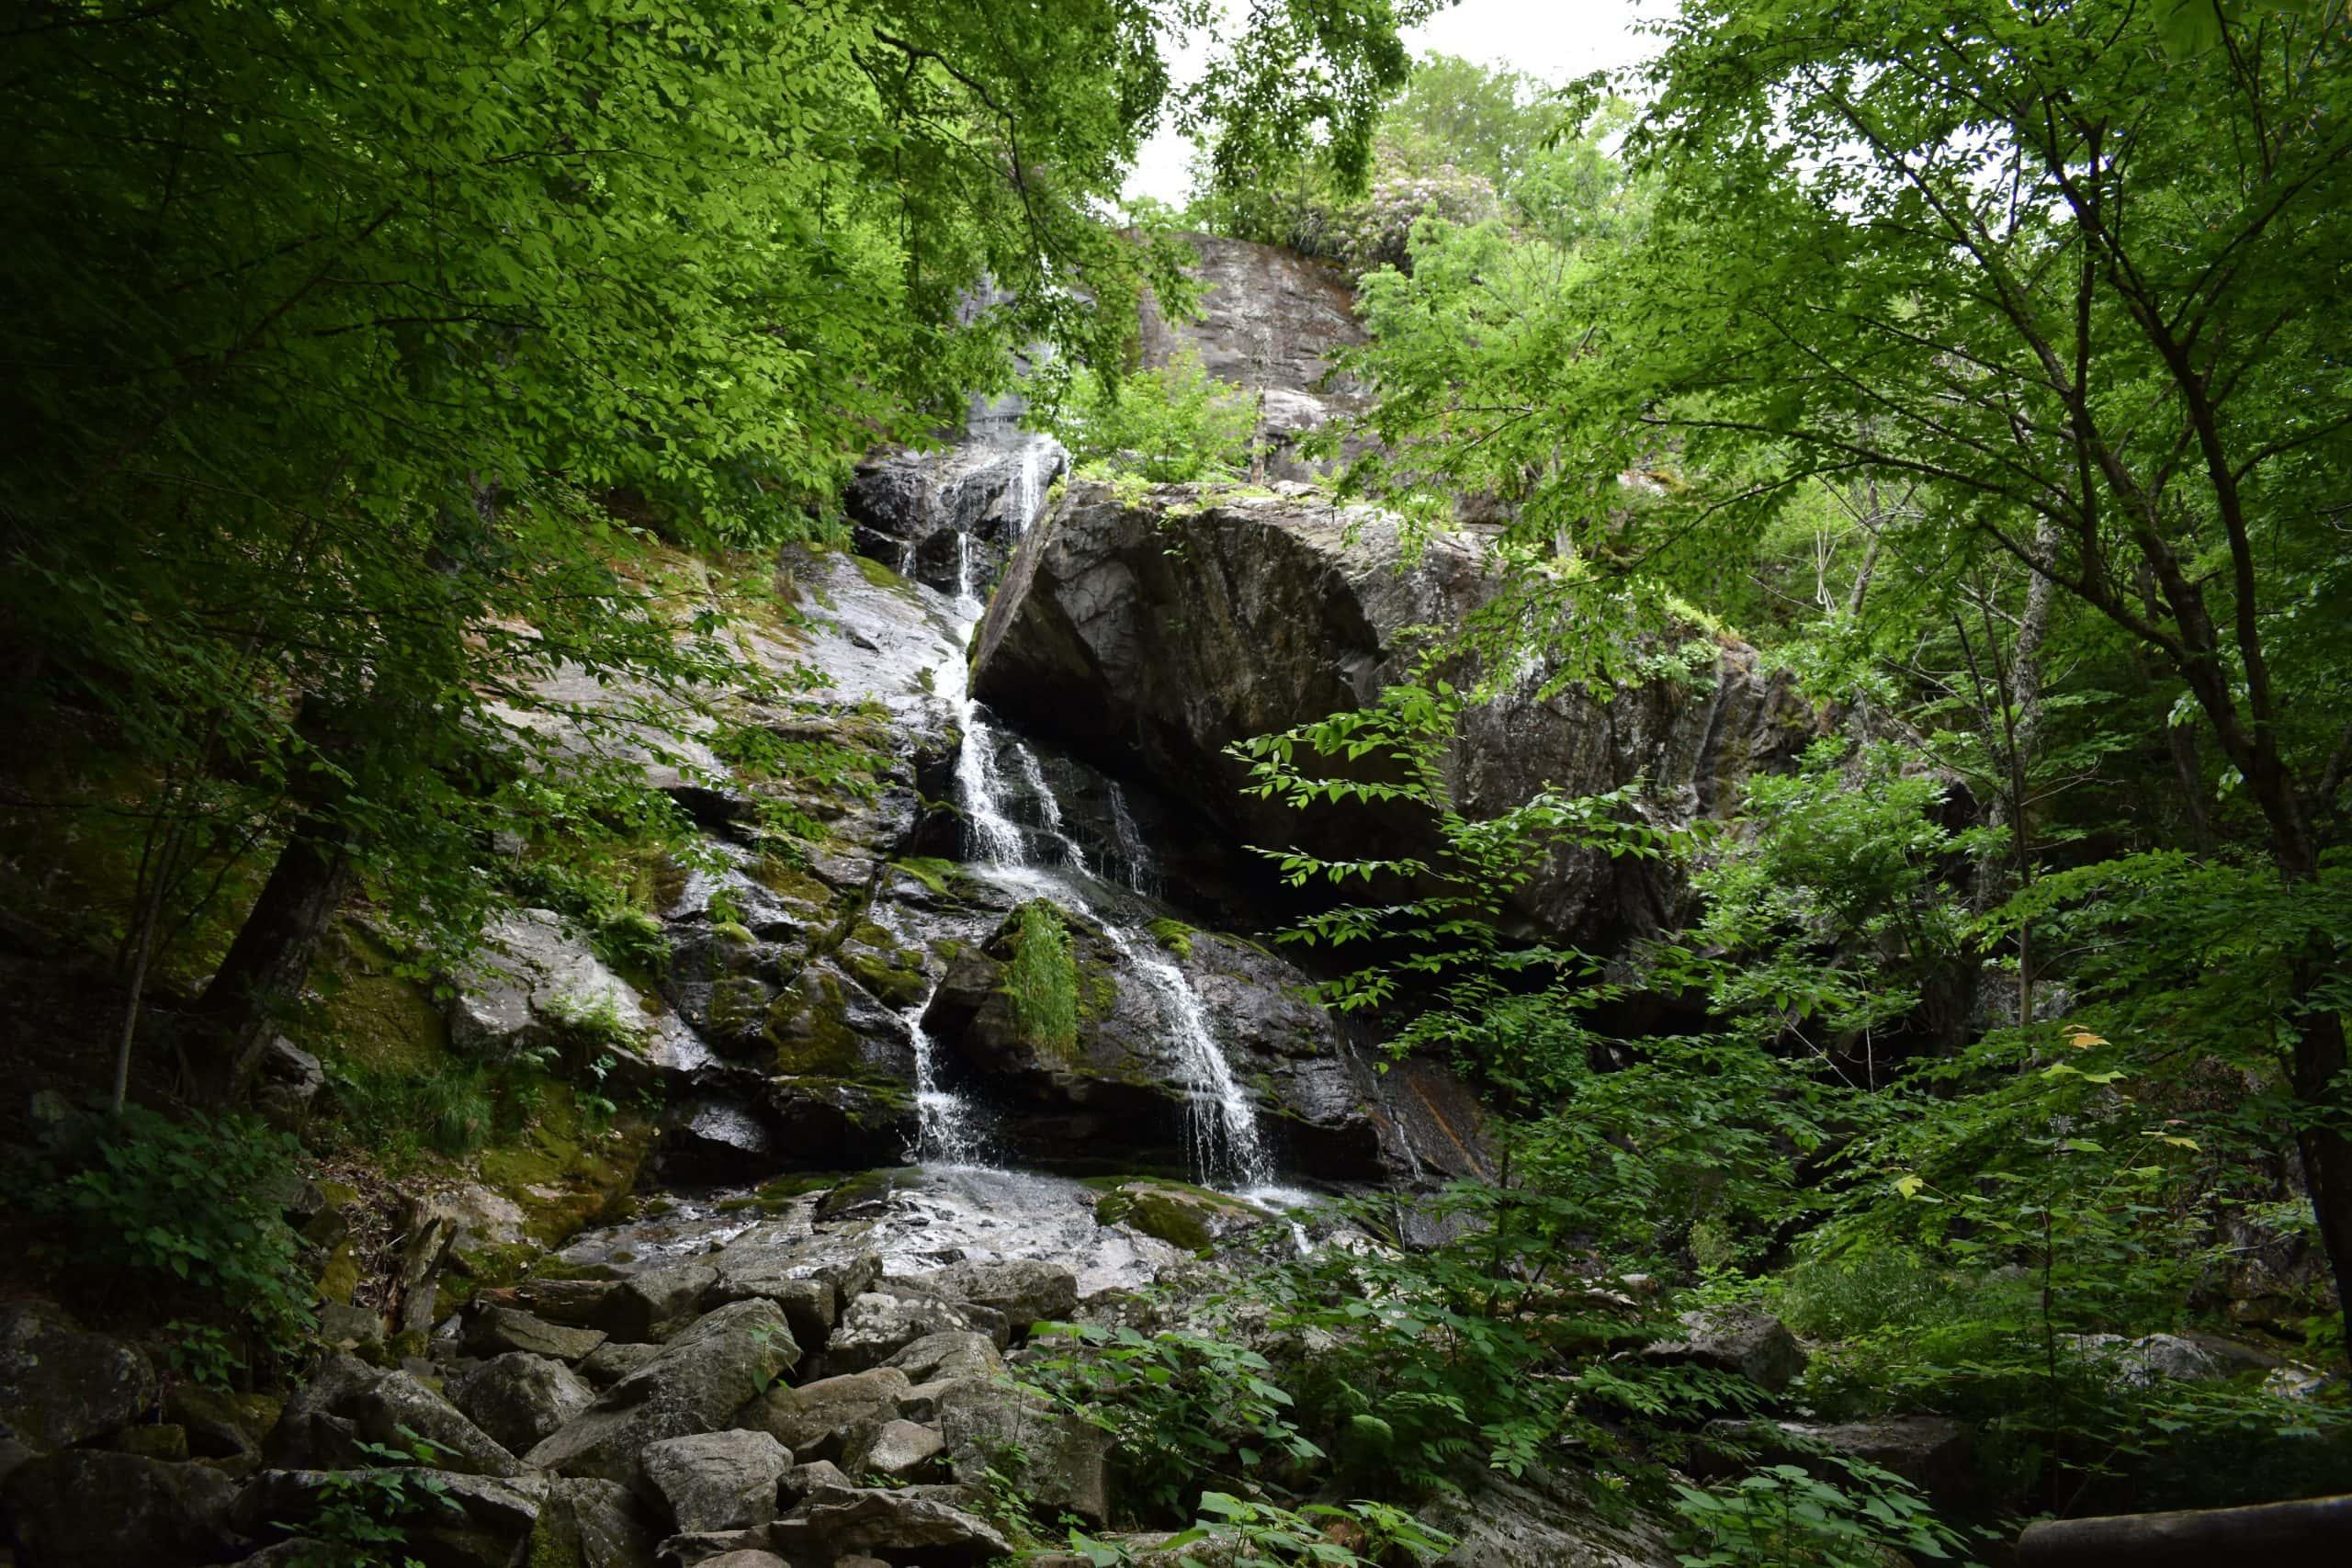 Road Trips From Roanoke - Peaks of Otter - Apple Orchard Falls